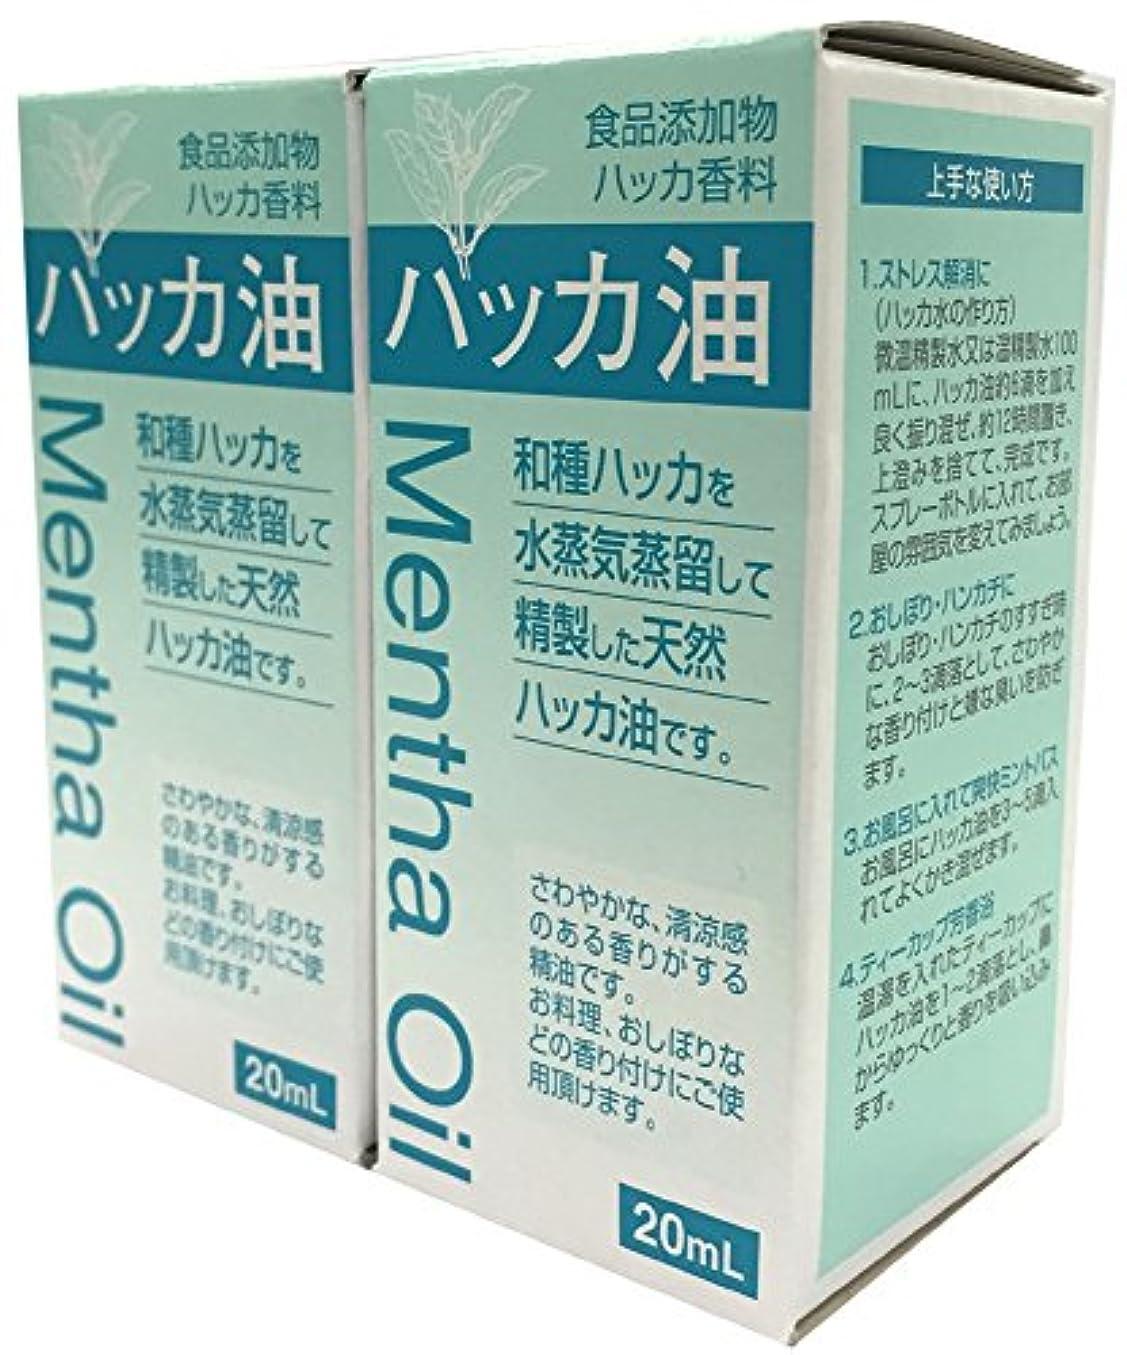 倍率事業ライセンス食品添加物 ハッカ油 20mL 2個セット